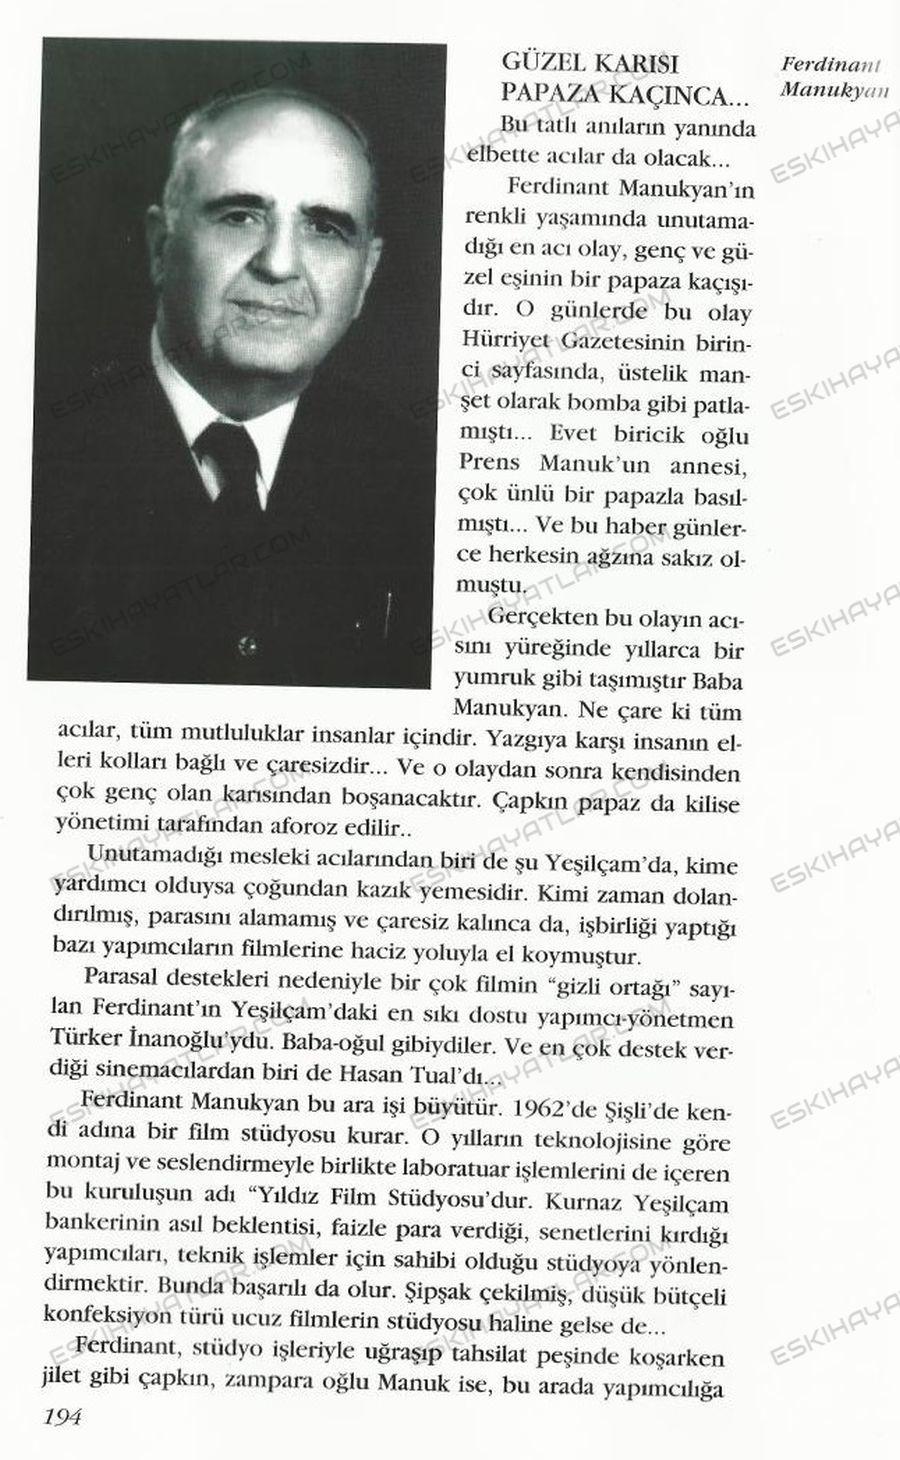 0169-ferdinant-manukyan-kimdir-turk-sinemasinin-marjinalleri-ve-orijinalleri (1)